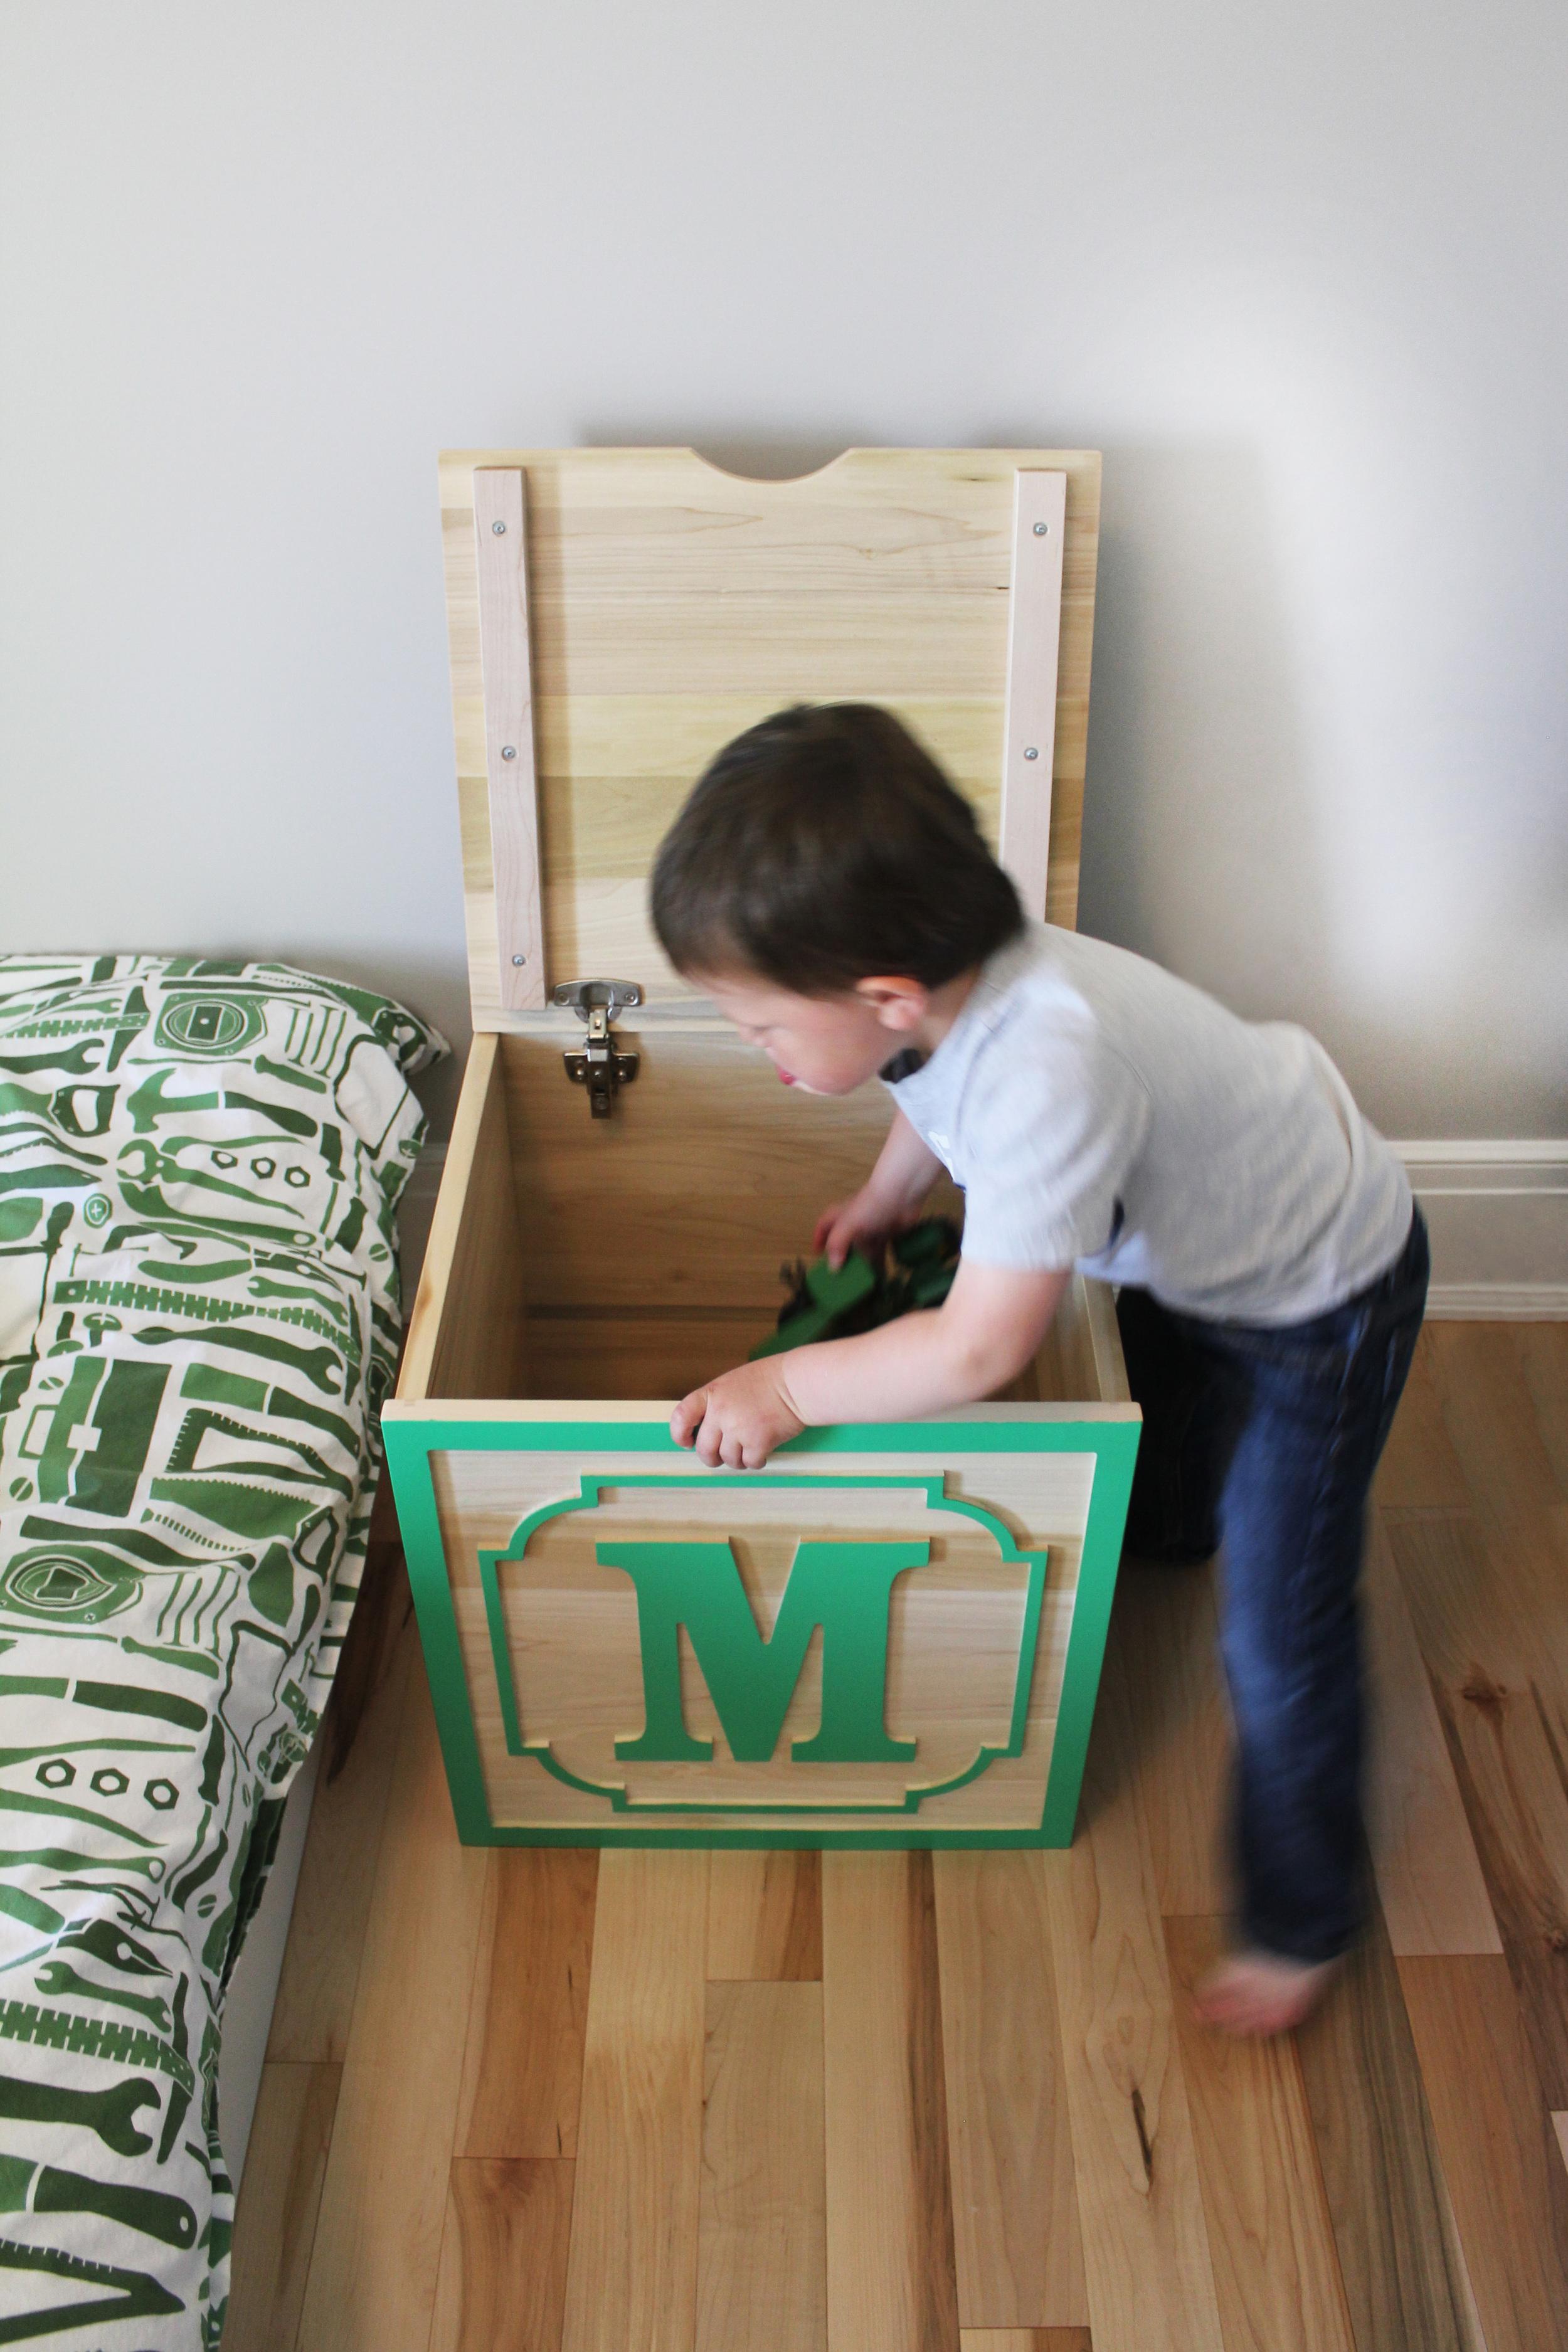 Children's Toy Box